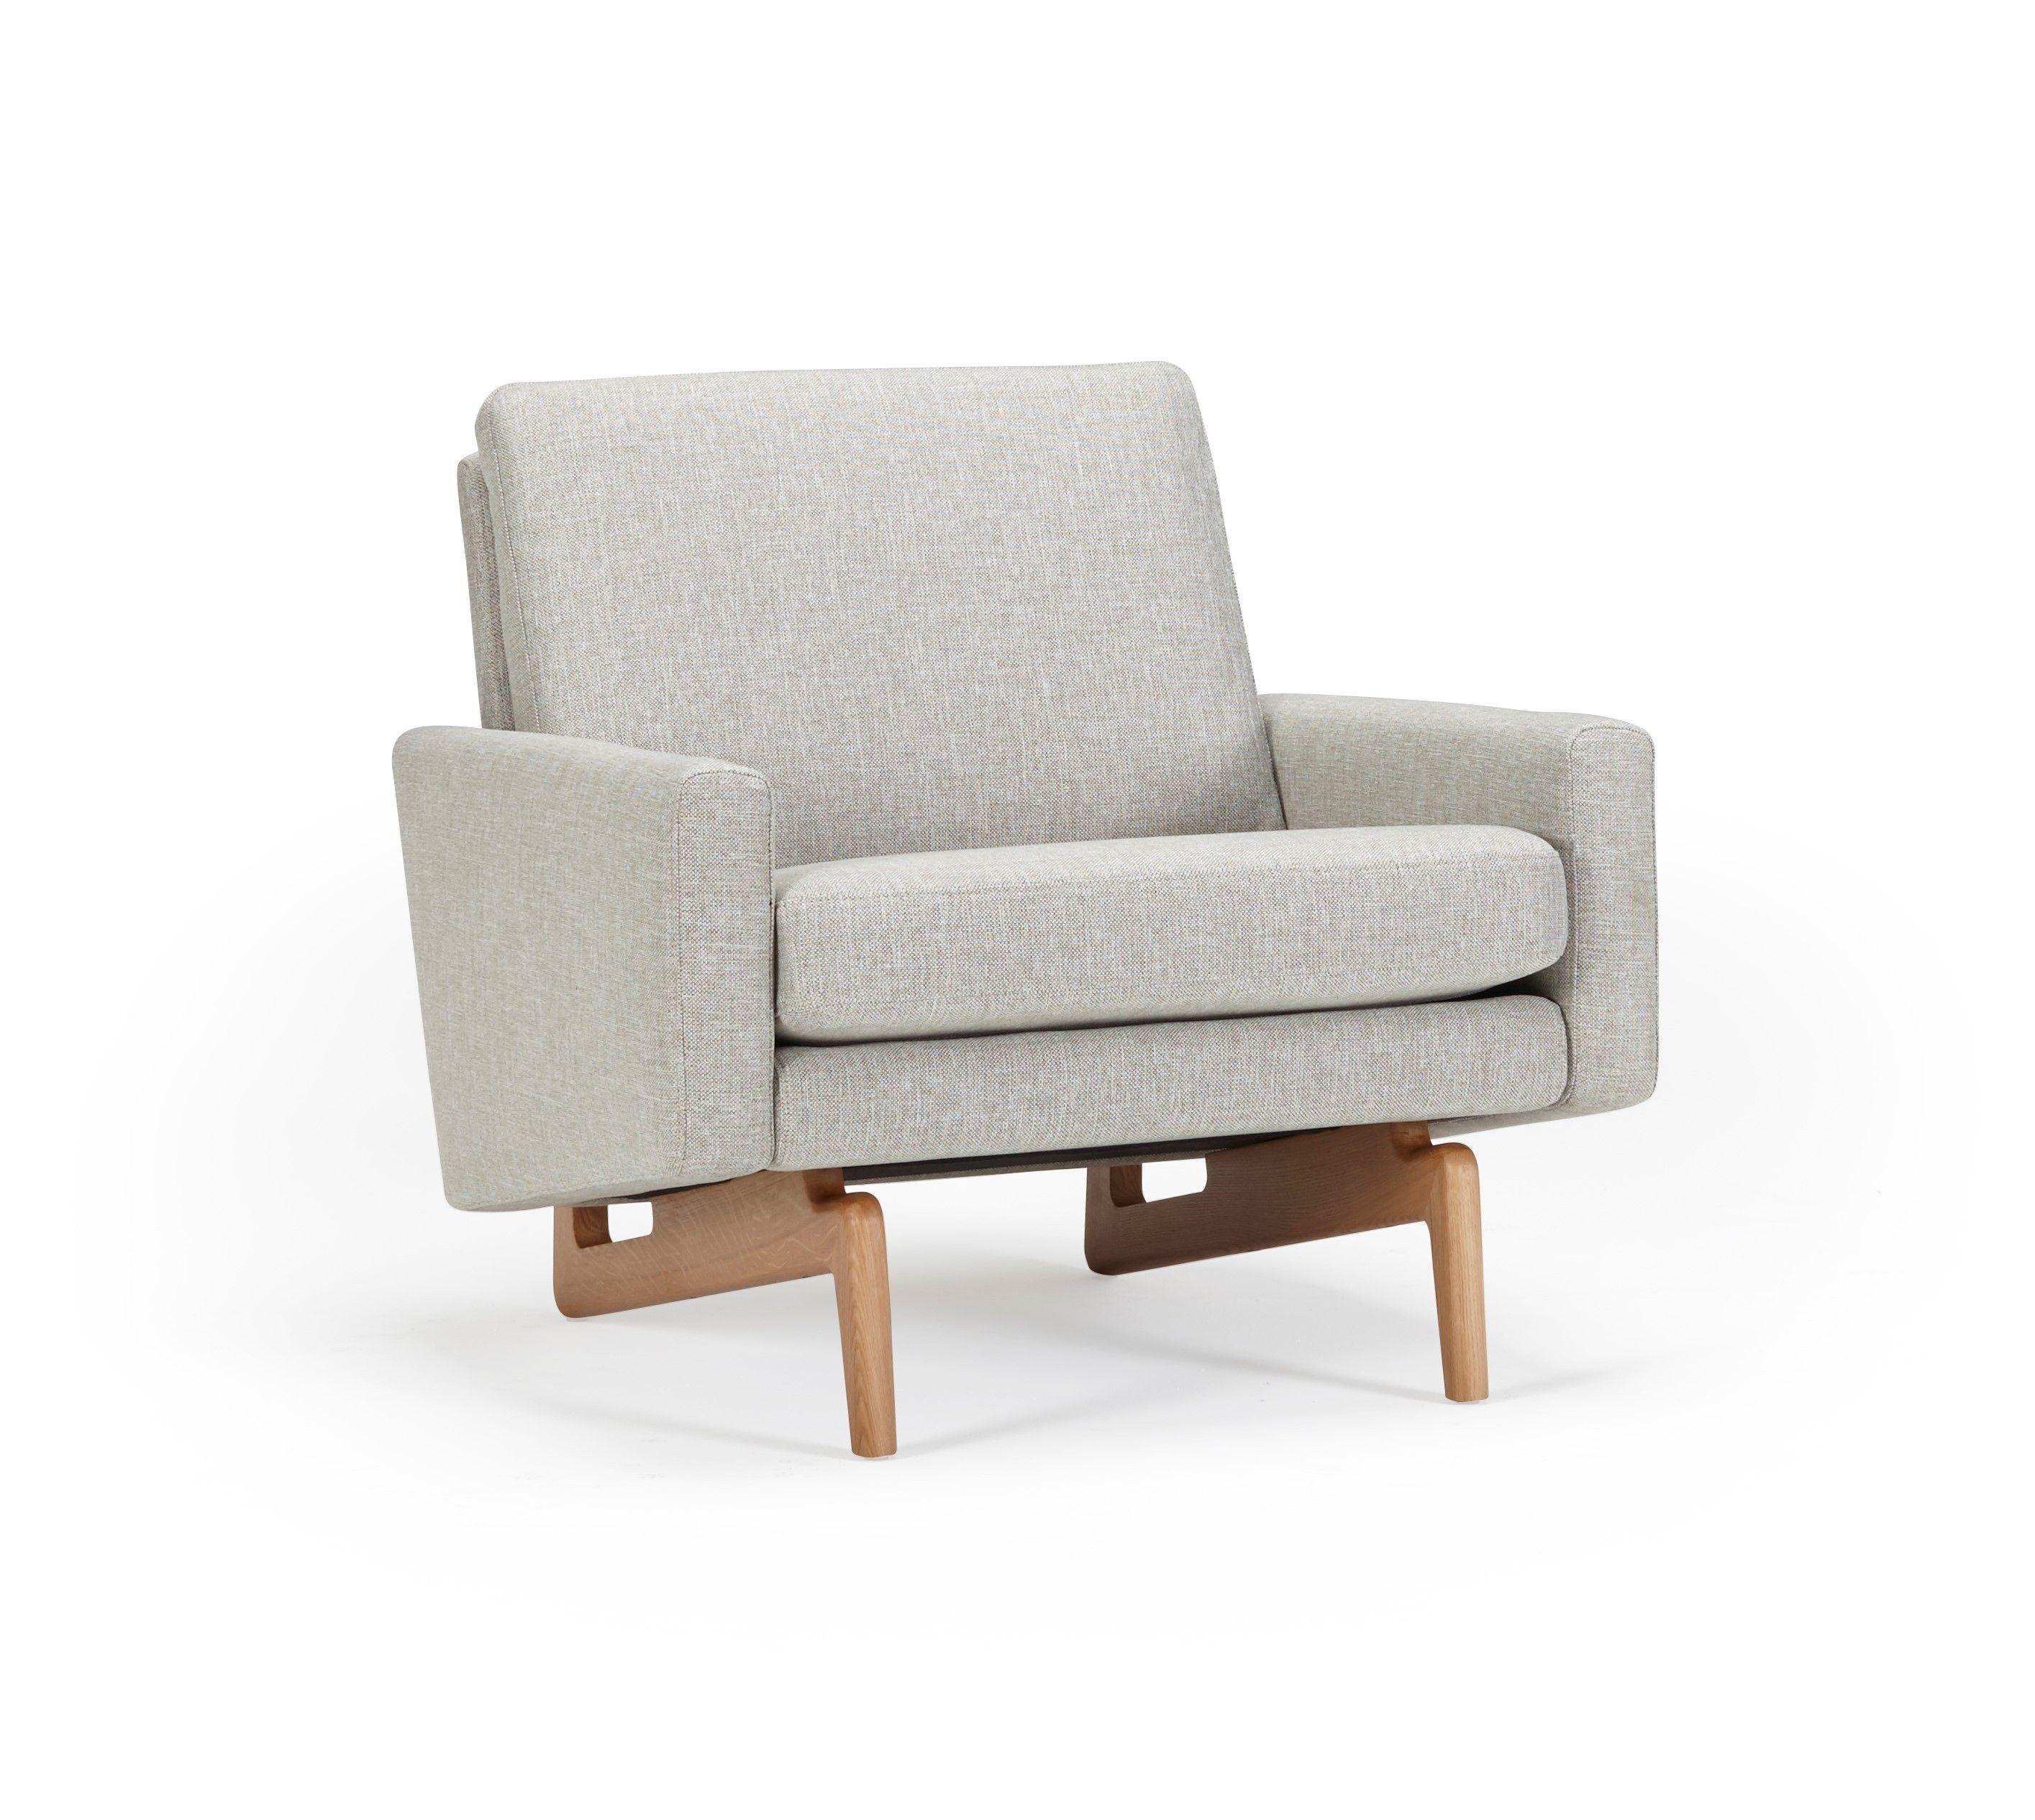 mega couch xxl top xxl sofa u form mega sofa reclining with mega sofa new design corner sofa. Black Bedroom Furniture Sets. Home Design Ideas